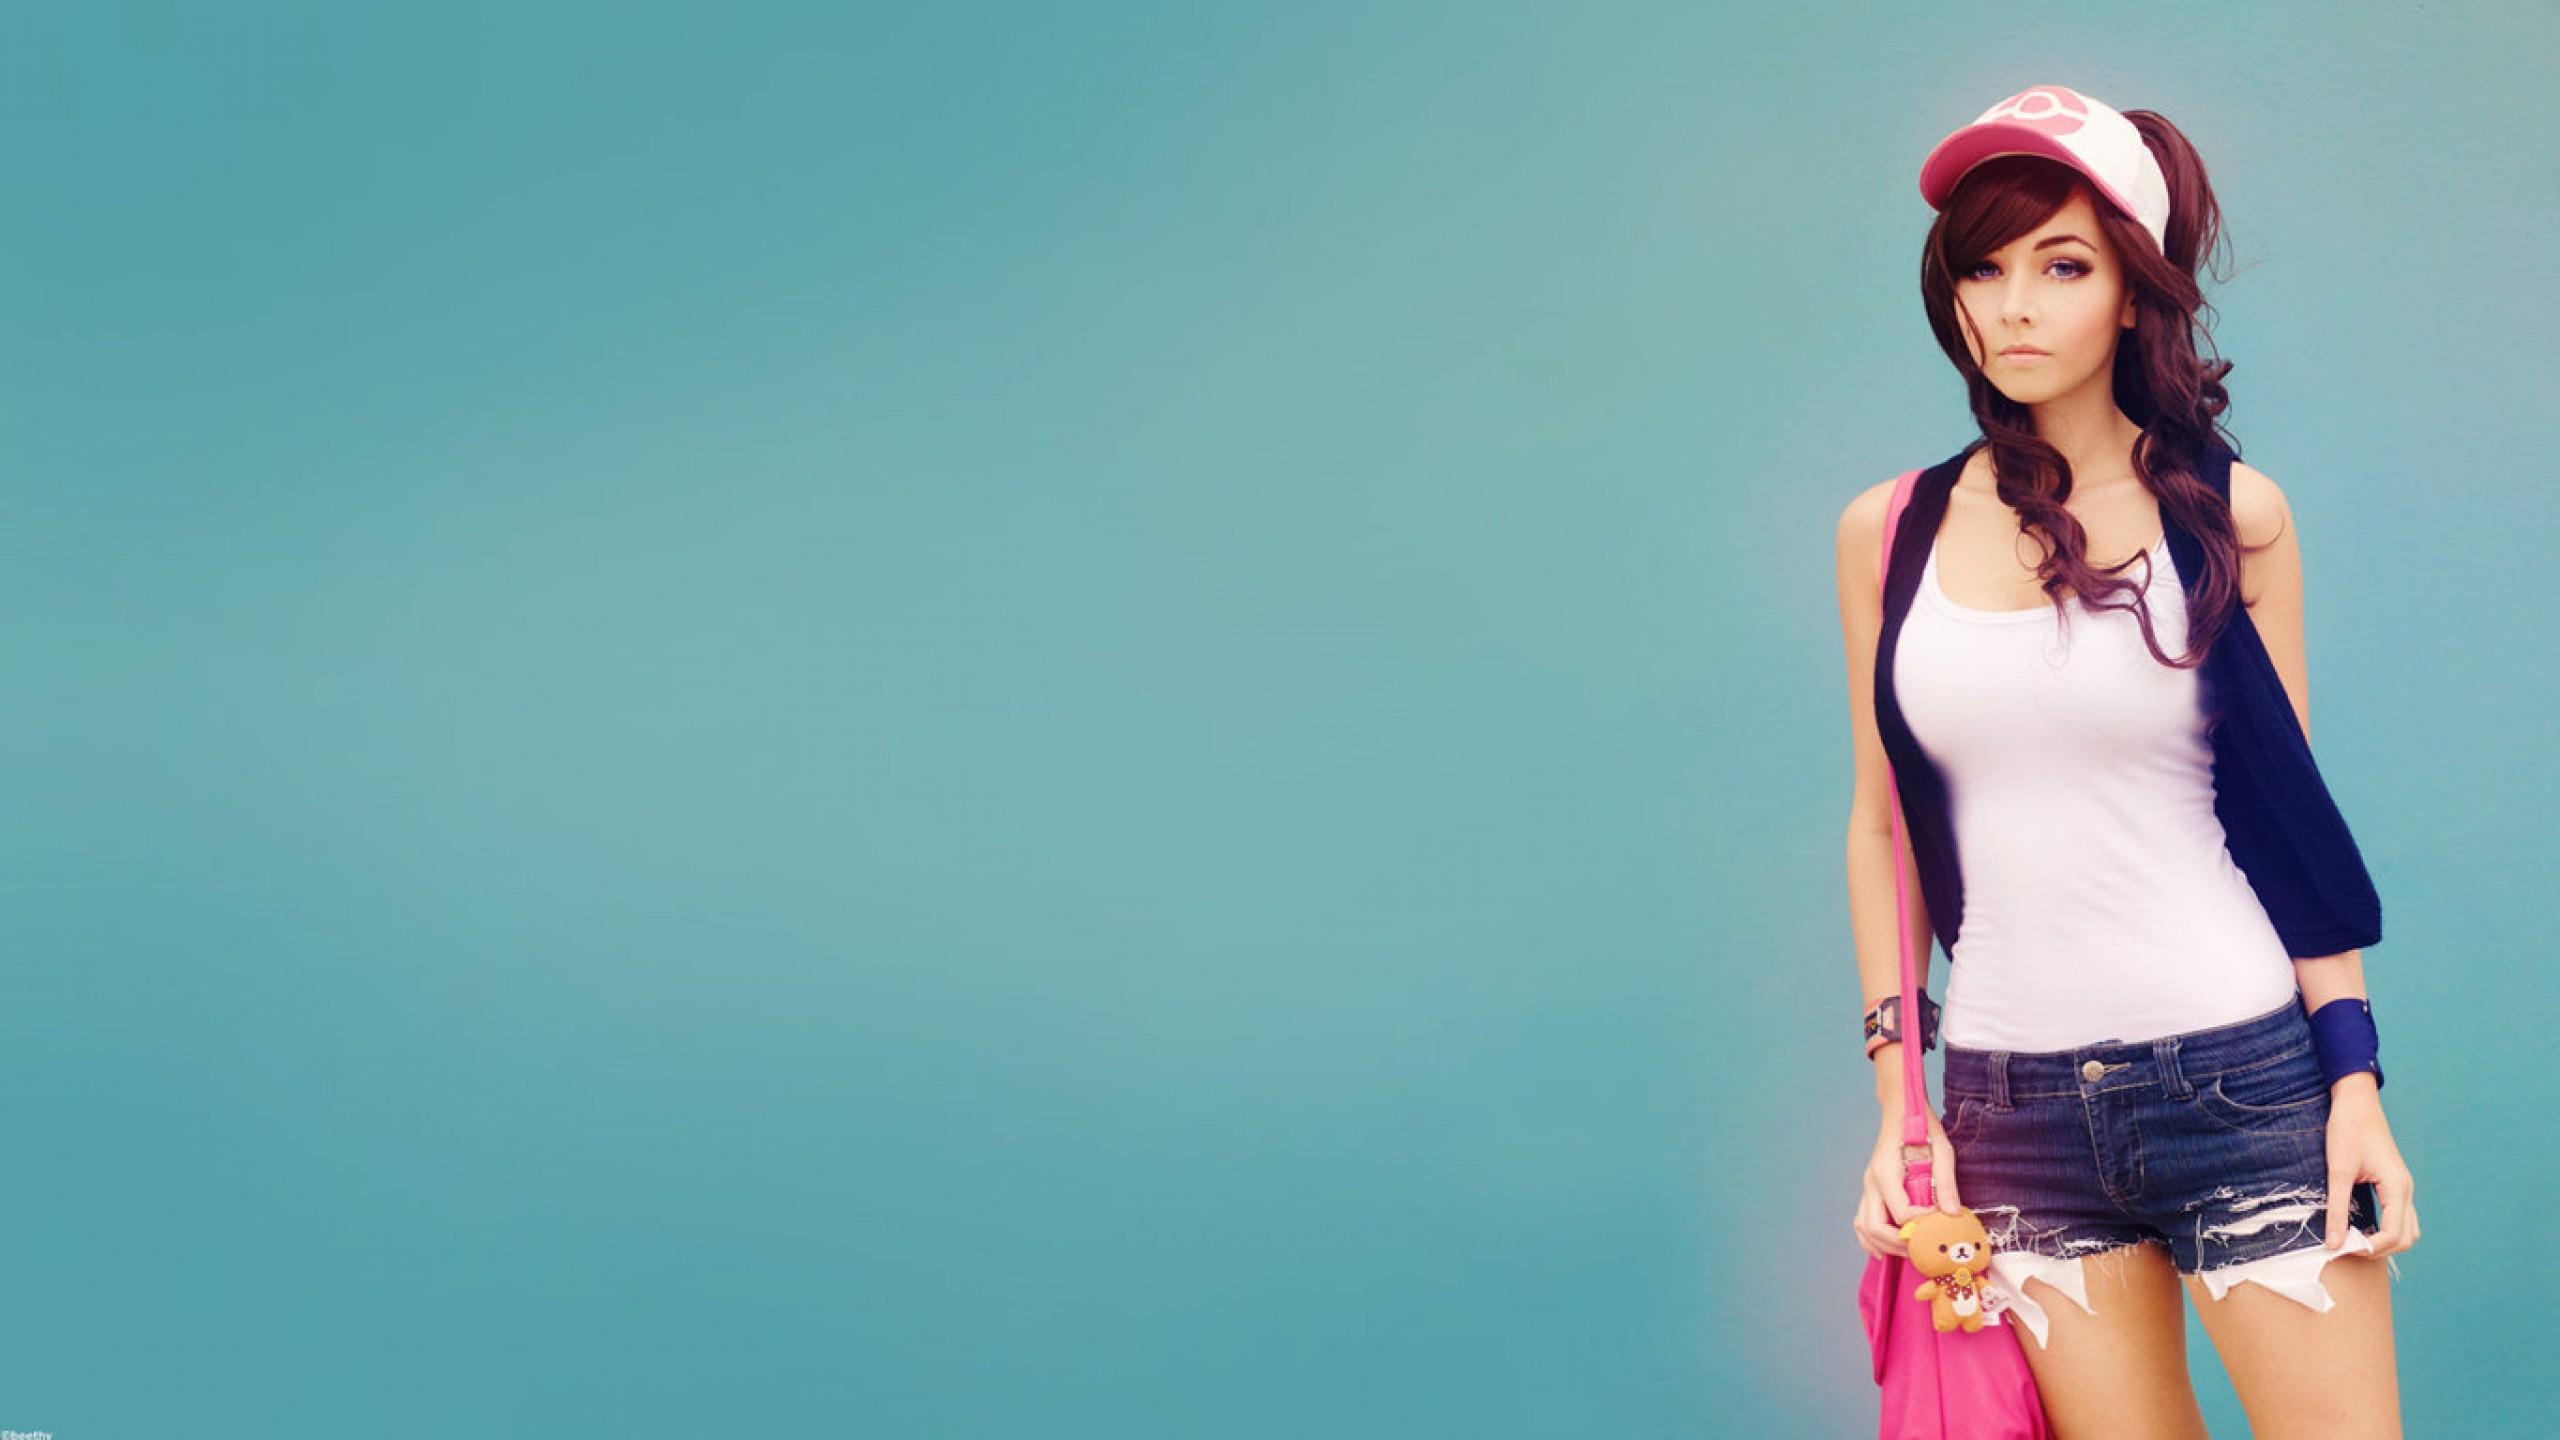 A Beautiful Girl Wallpaper Hd 1080P